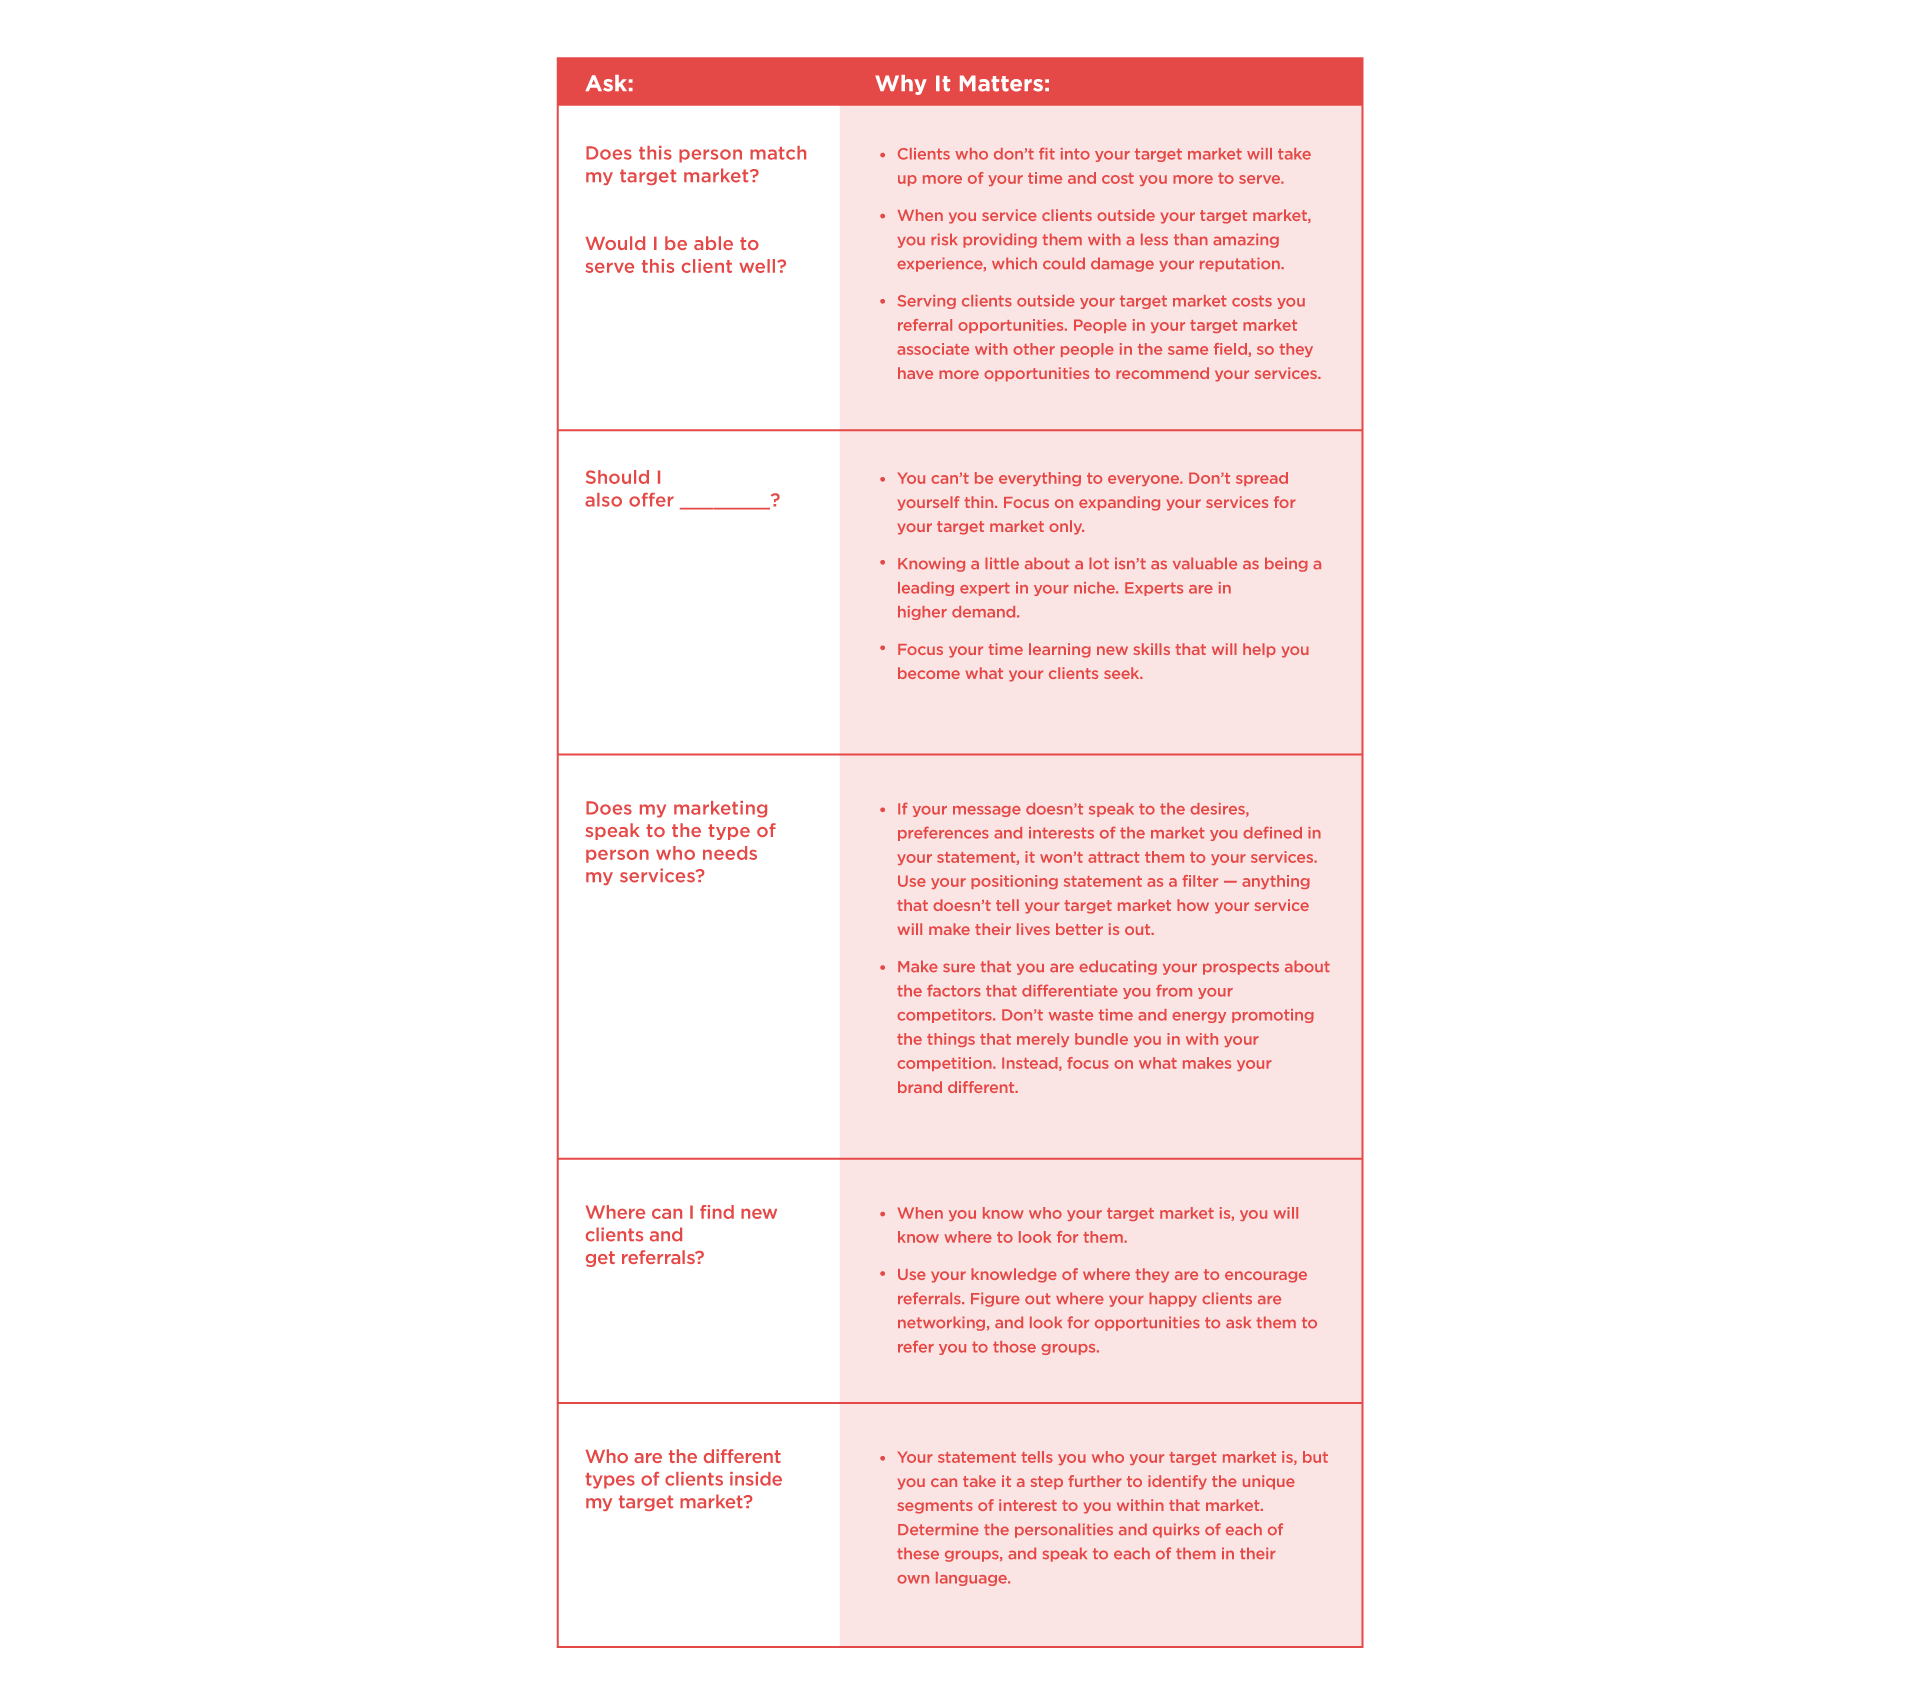 Worksheet Carbon Footprint Worksheet Answers Intrepidpath